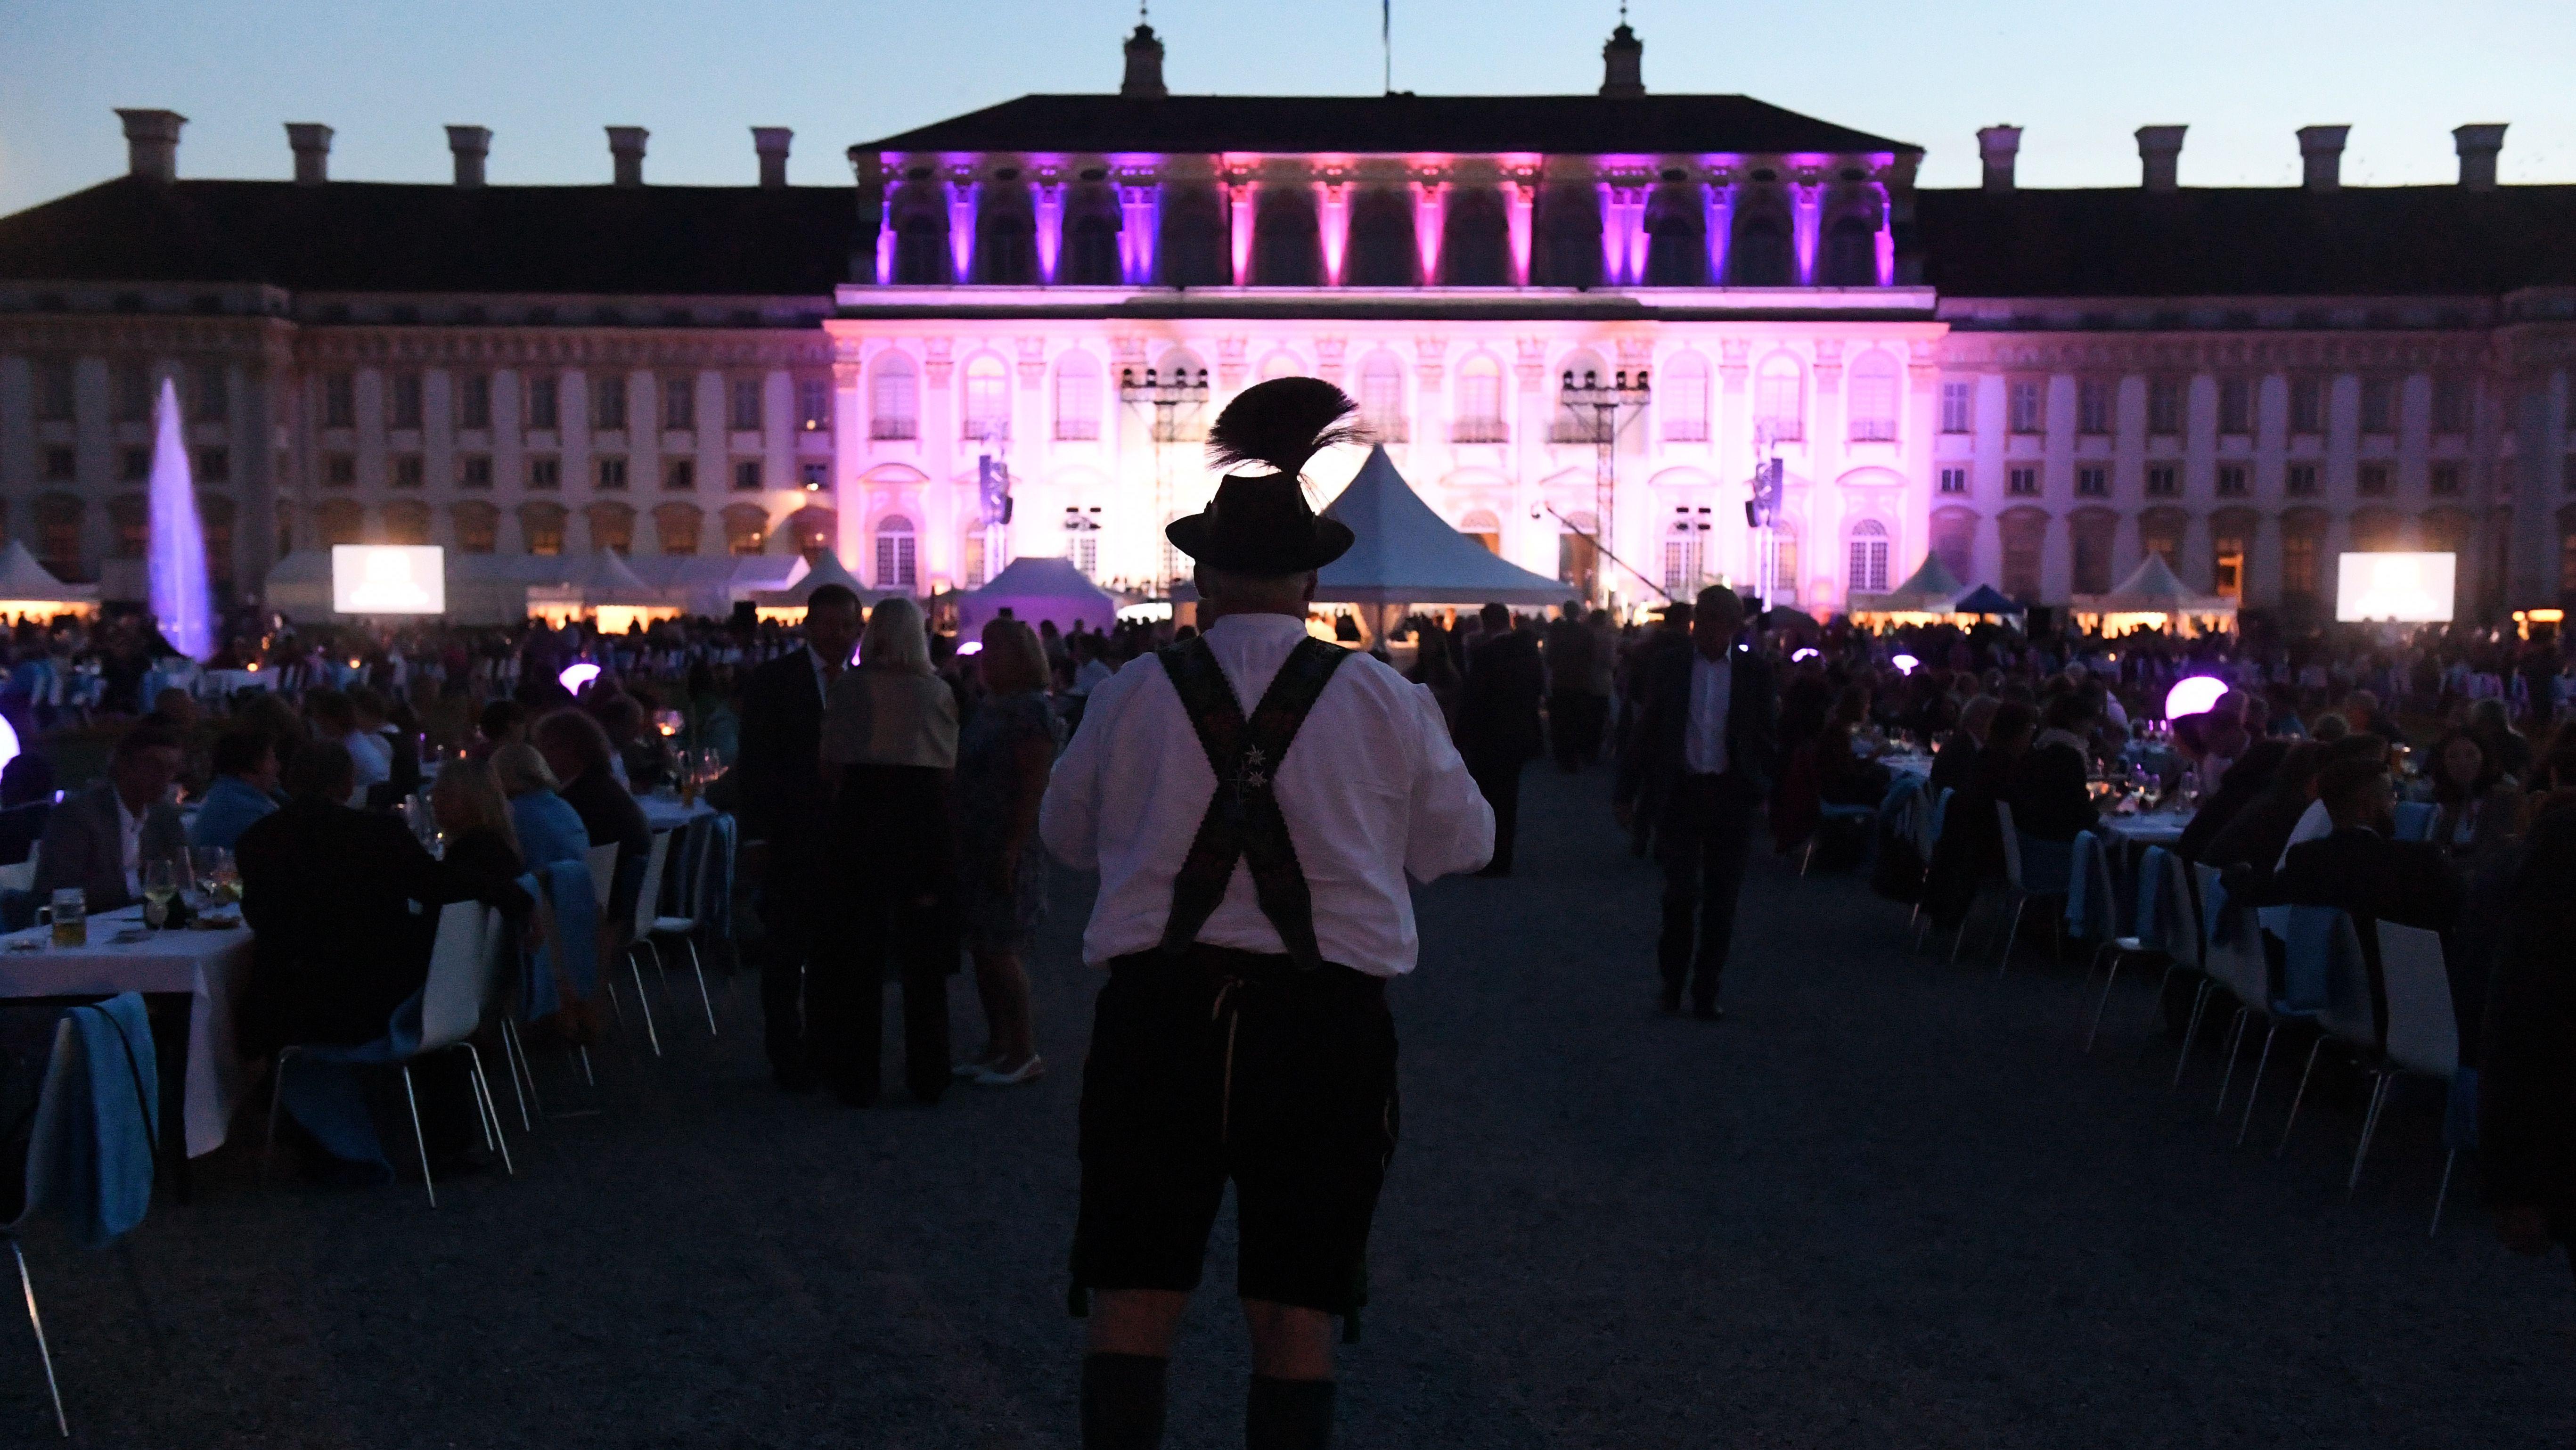 Archivbild: Sommerempfang auf Schloss Schleißheim